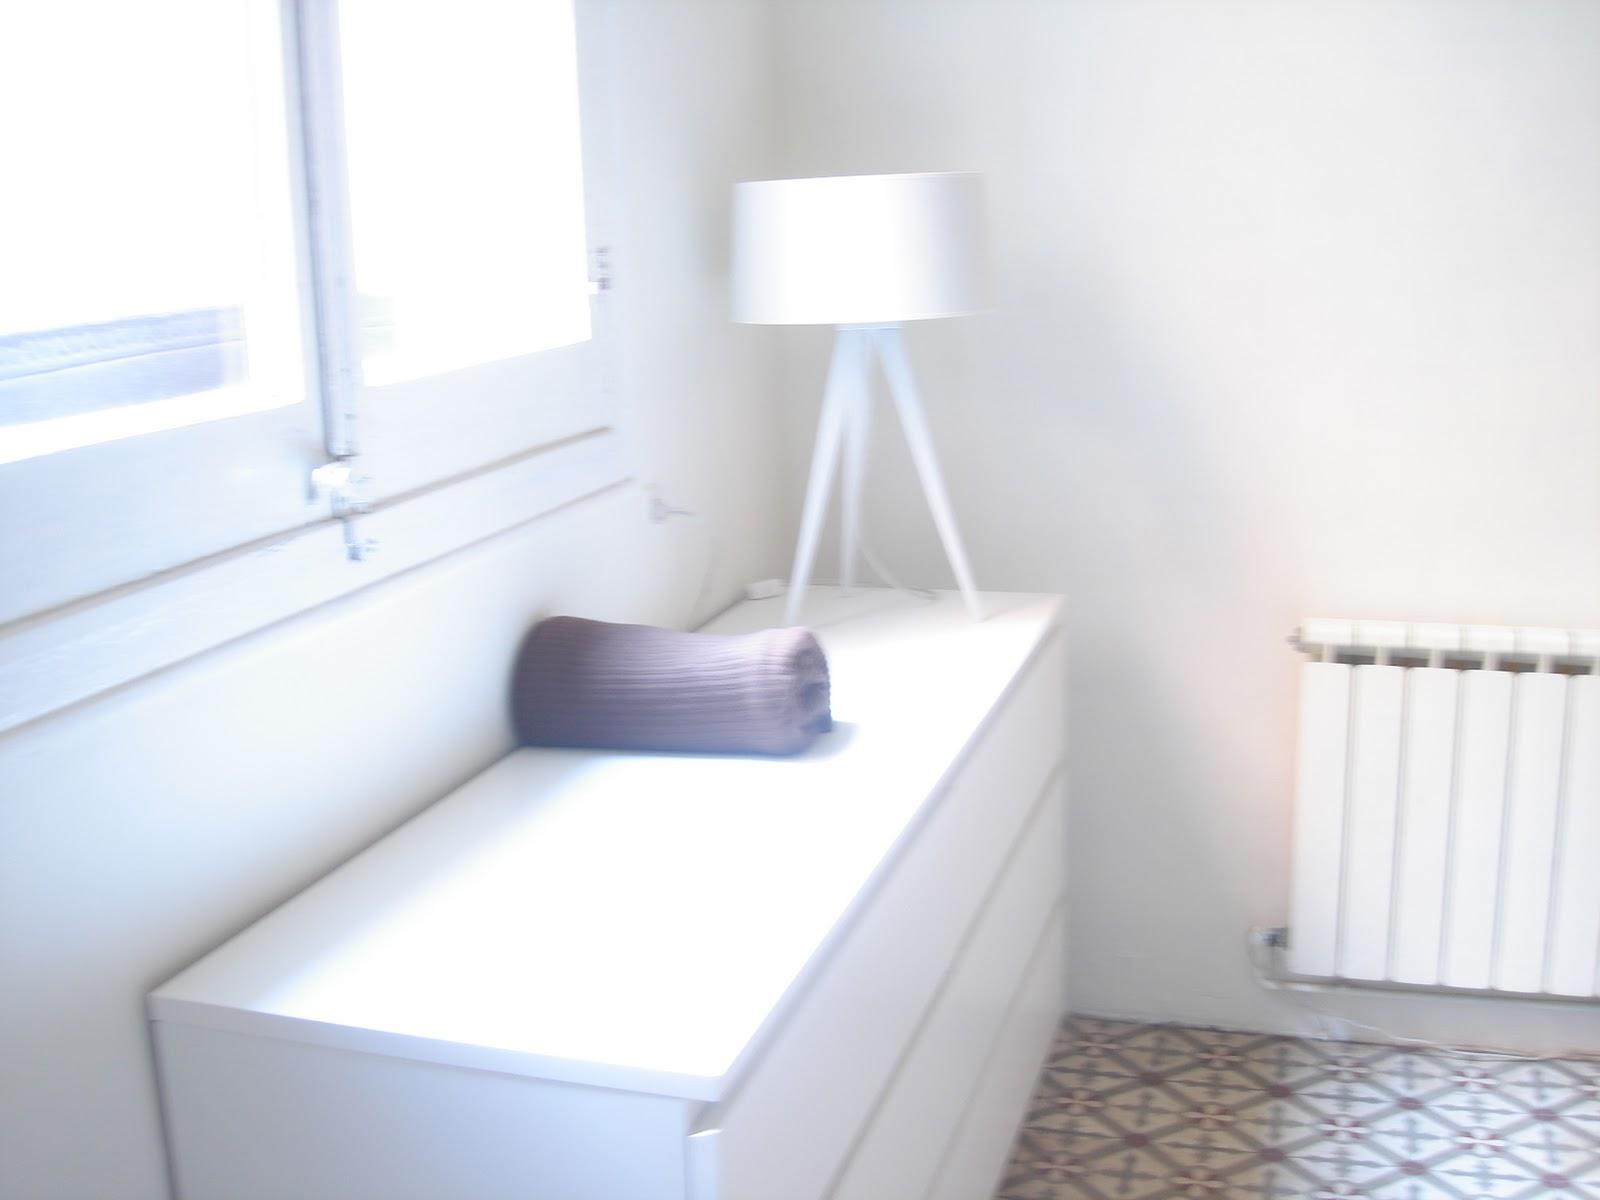 Principalprimera dormitorio - Dormitorio malm ikea ...